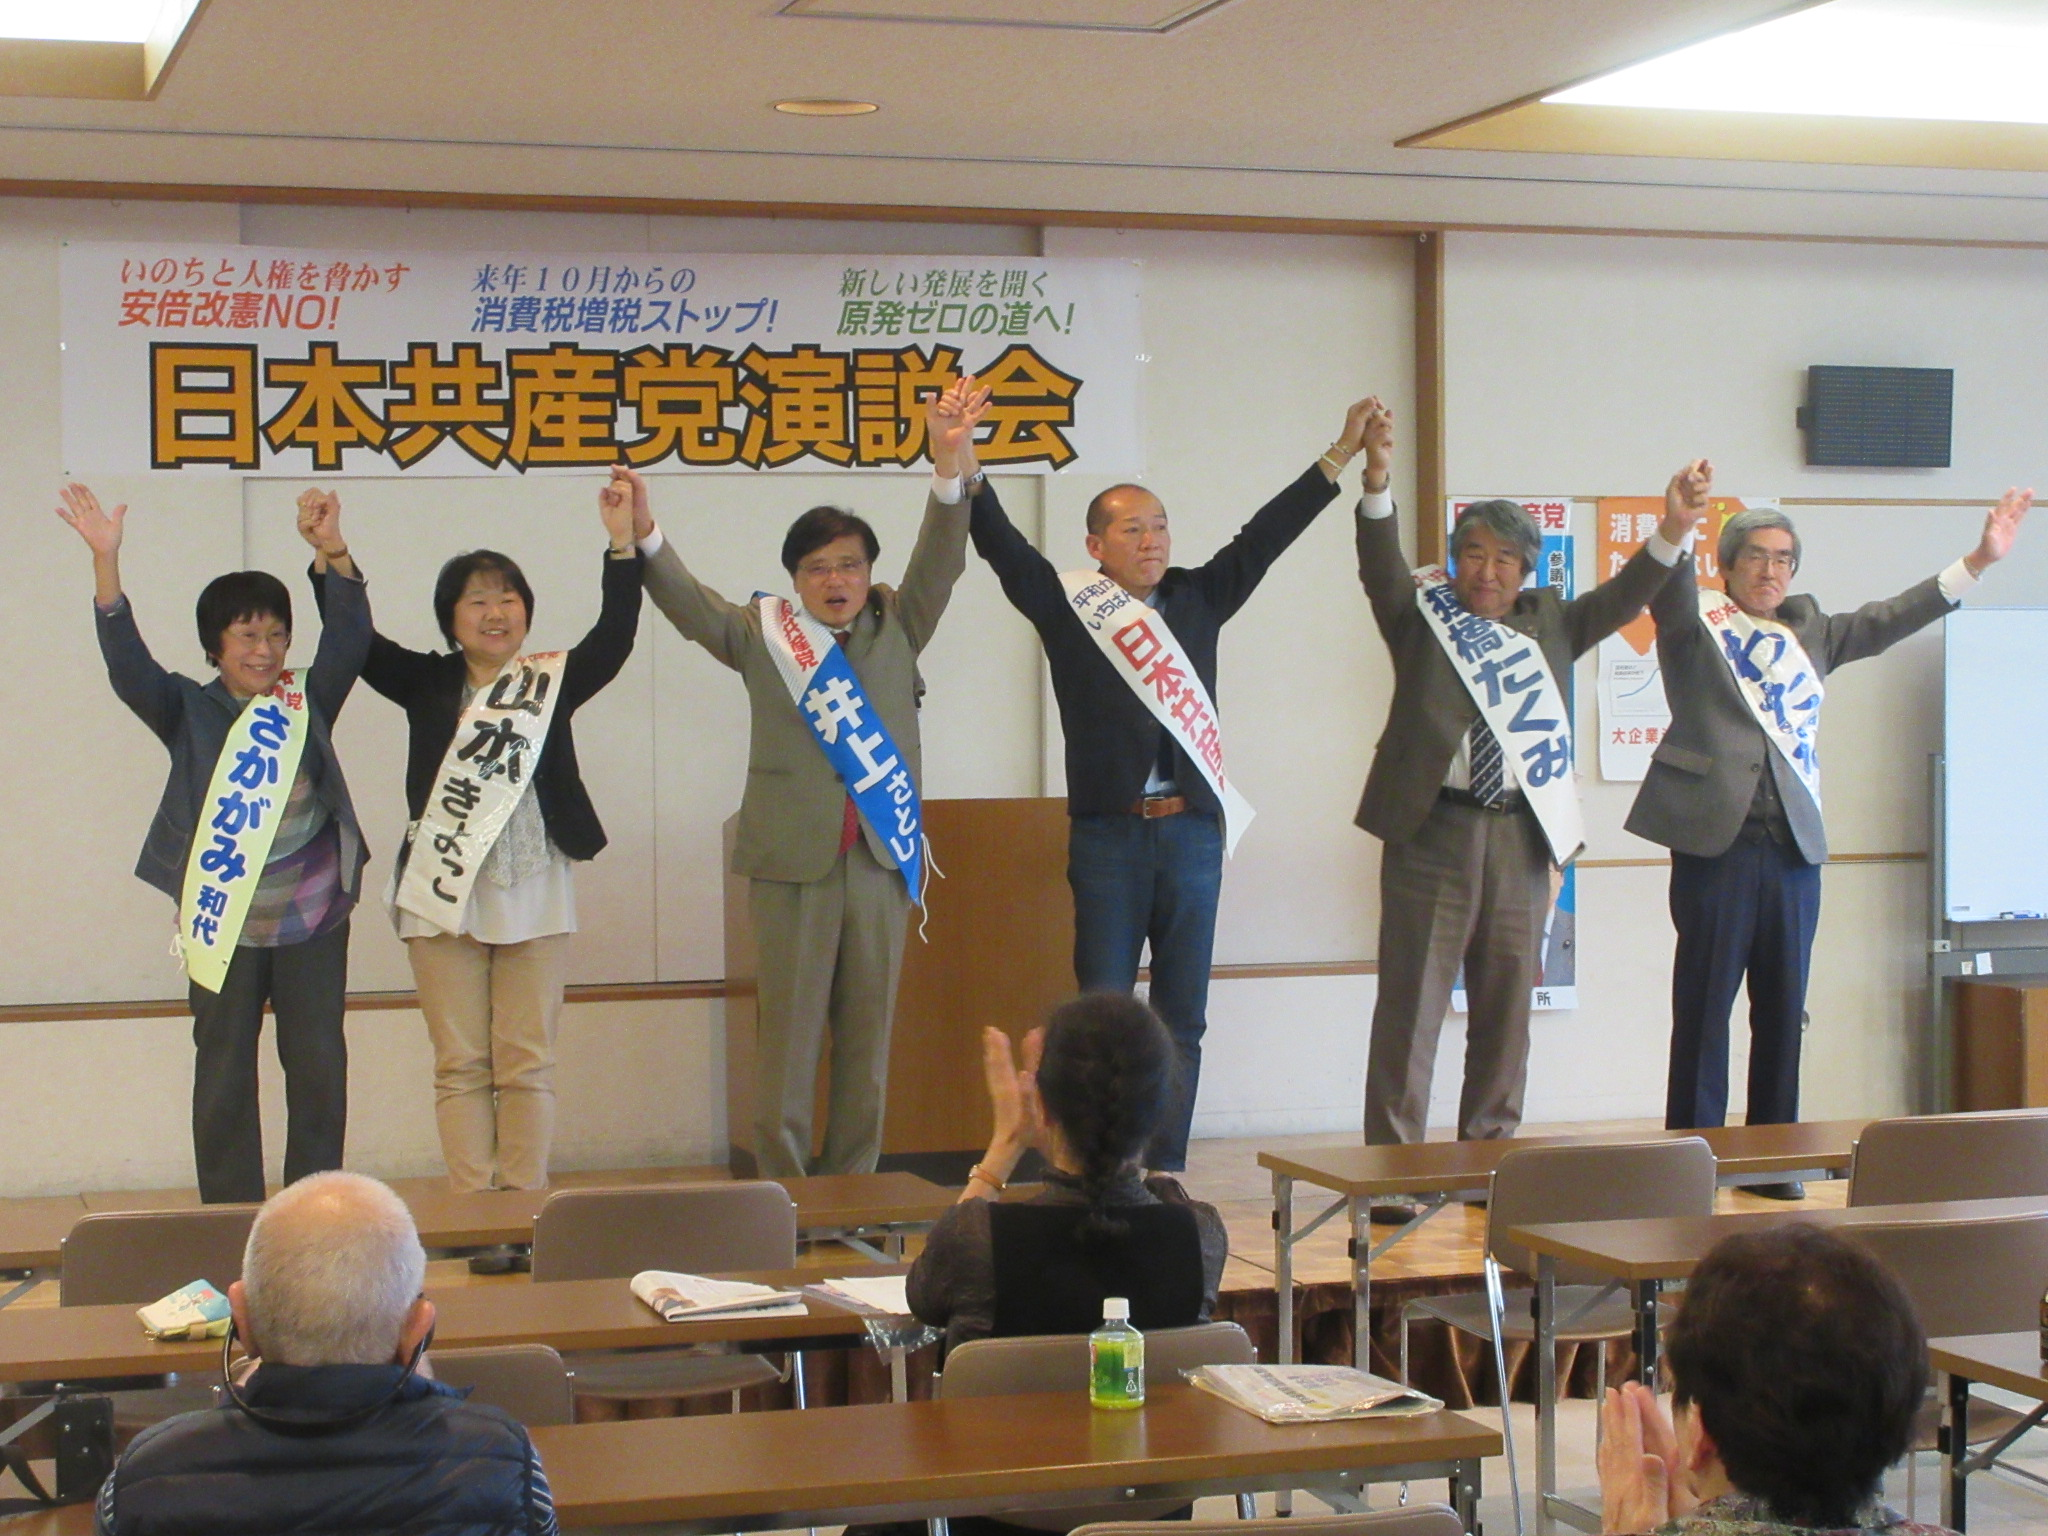 http://www.inoue-satoshi.com/diary/IMG_6628.JPG